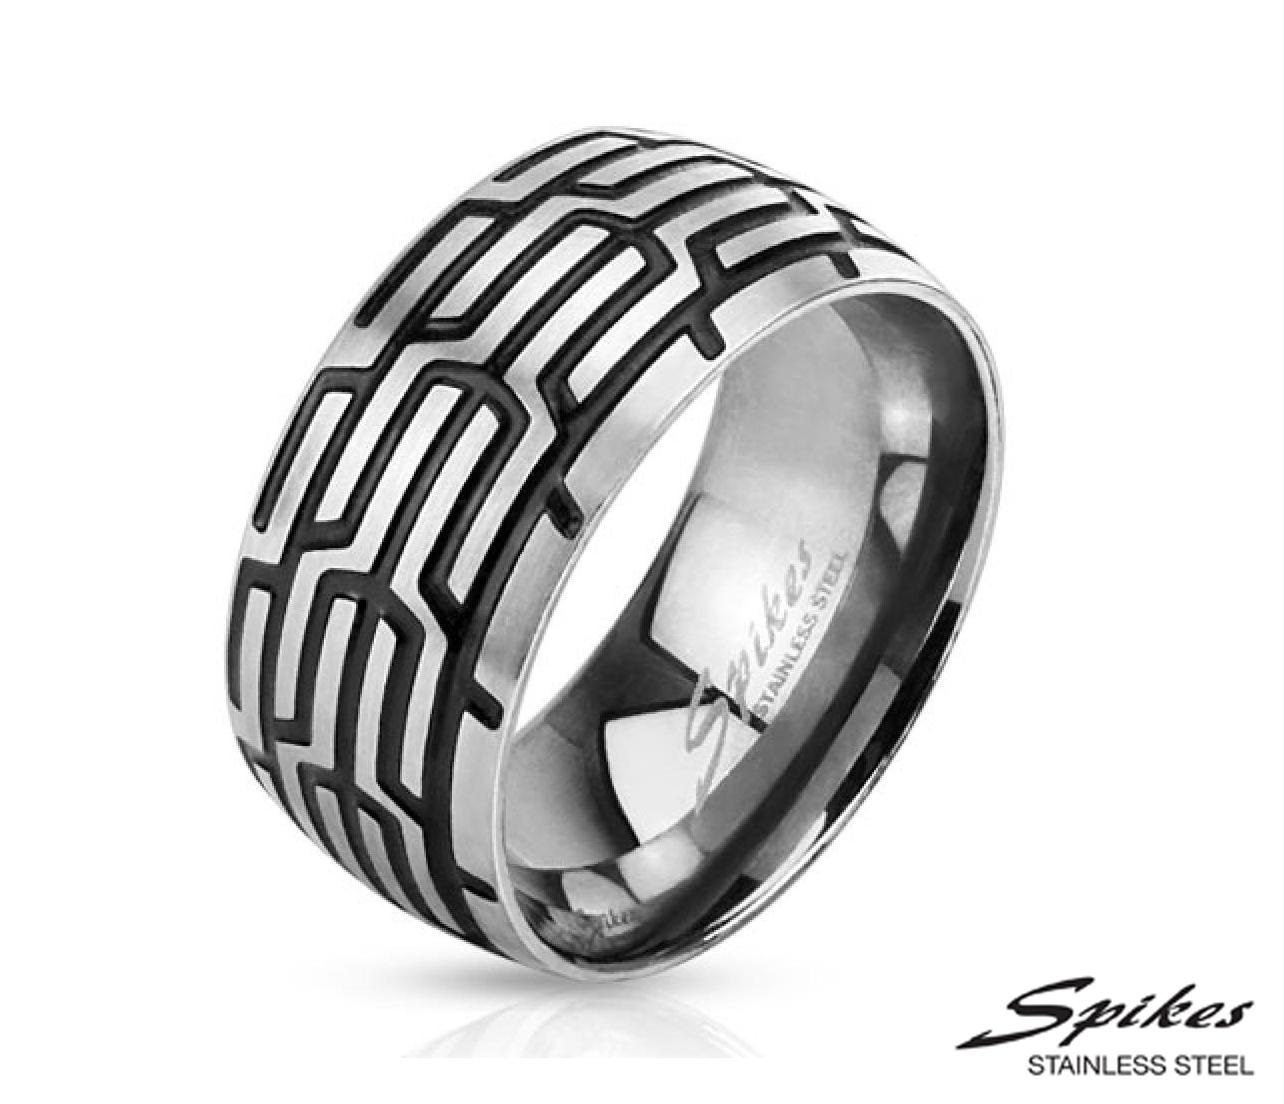 R-M3163-10 Широкое мужское кольцо «Шина» из стали («Spikes»)